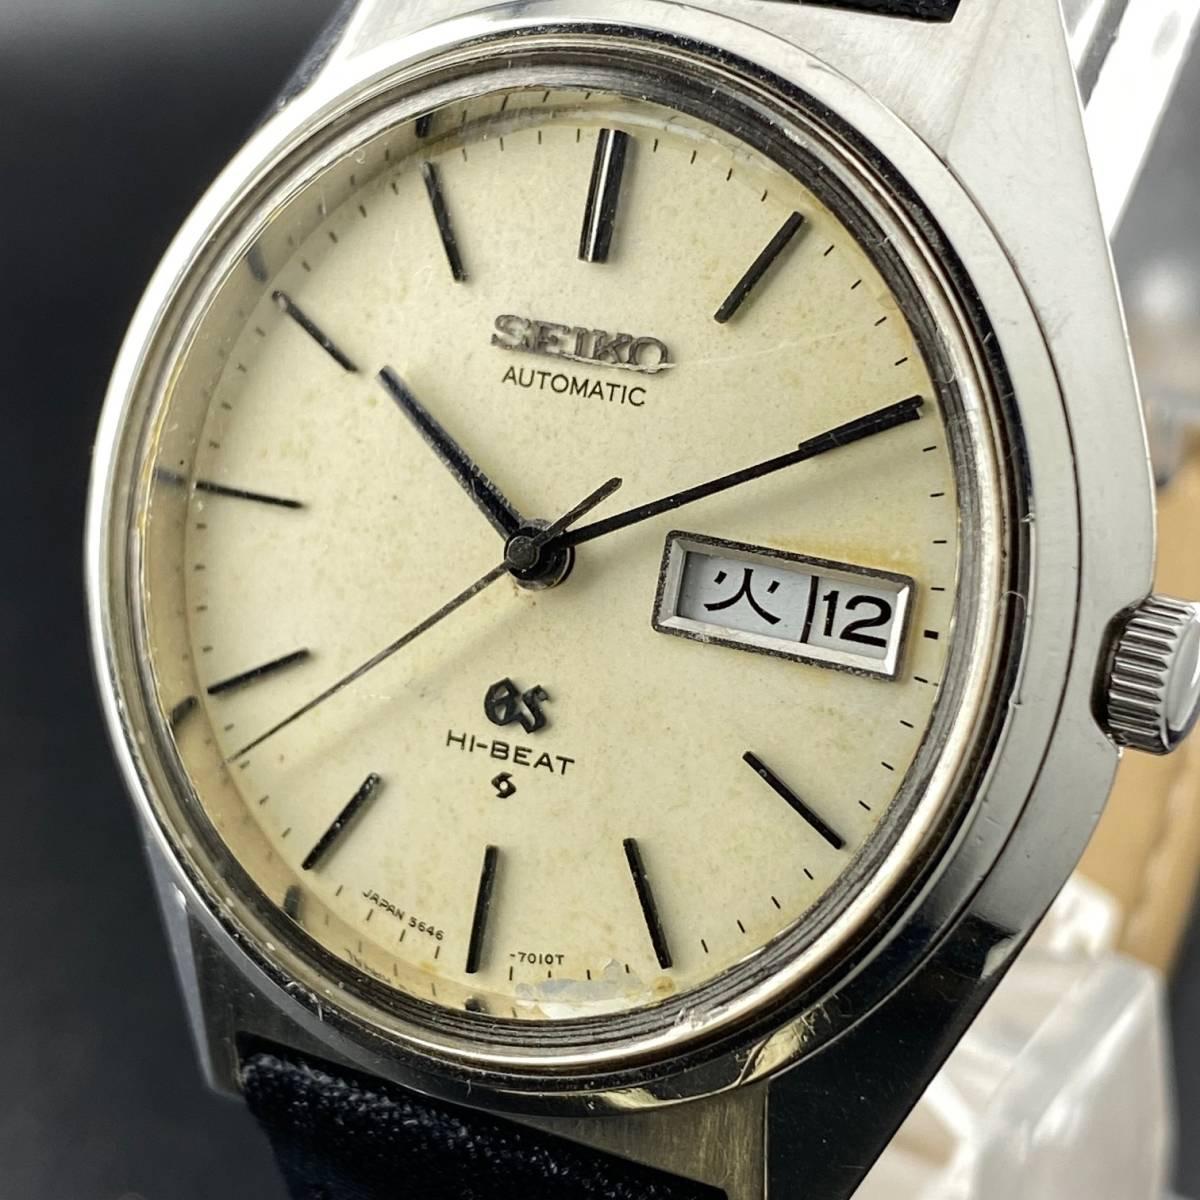 【1円~】GRAND SEIKO グランドセイコー 腕時計 メンズ 自動巻 HI-BEAT ハイビート デイデイト 可動品